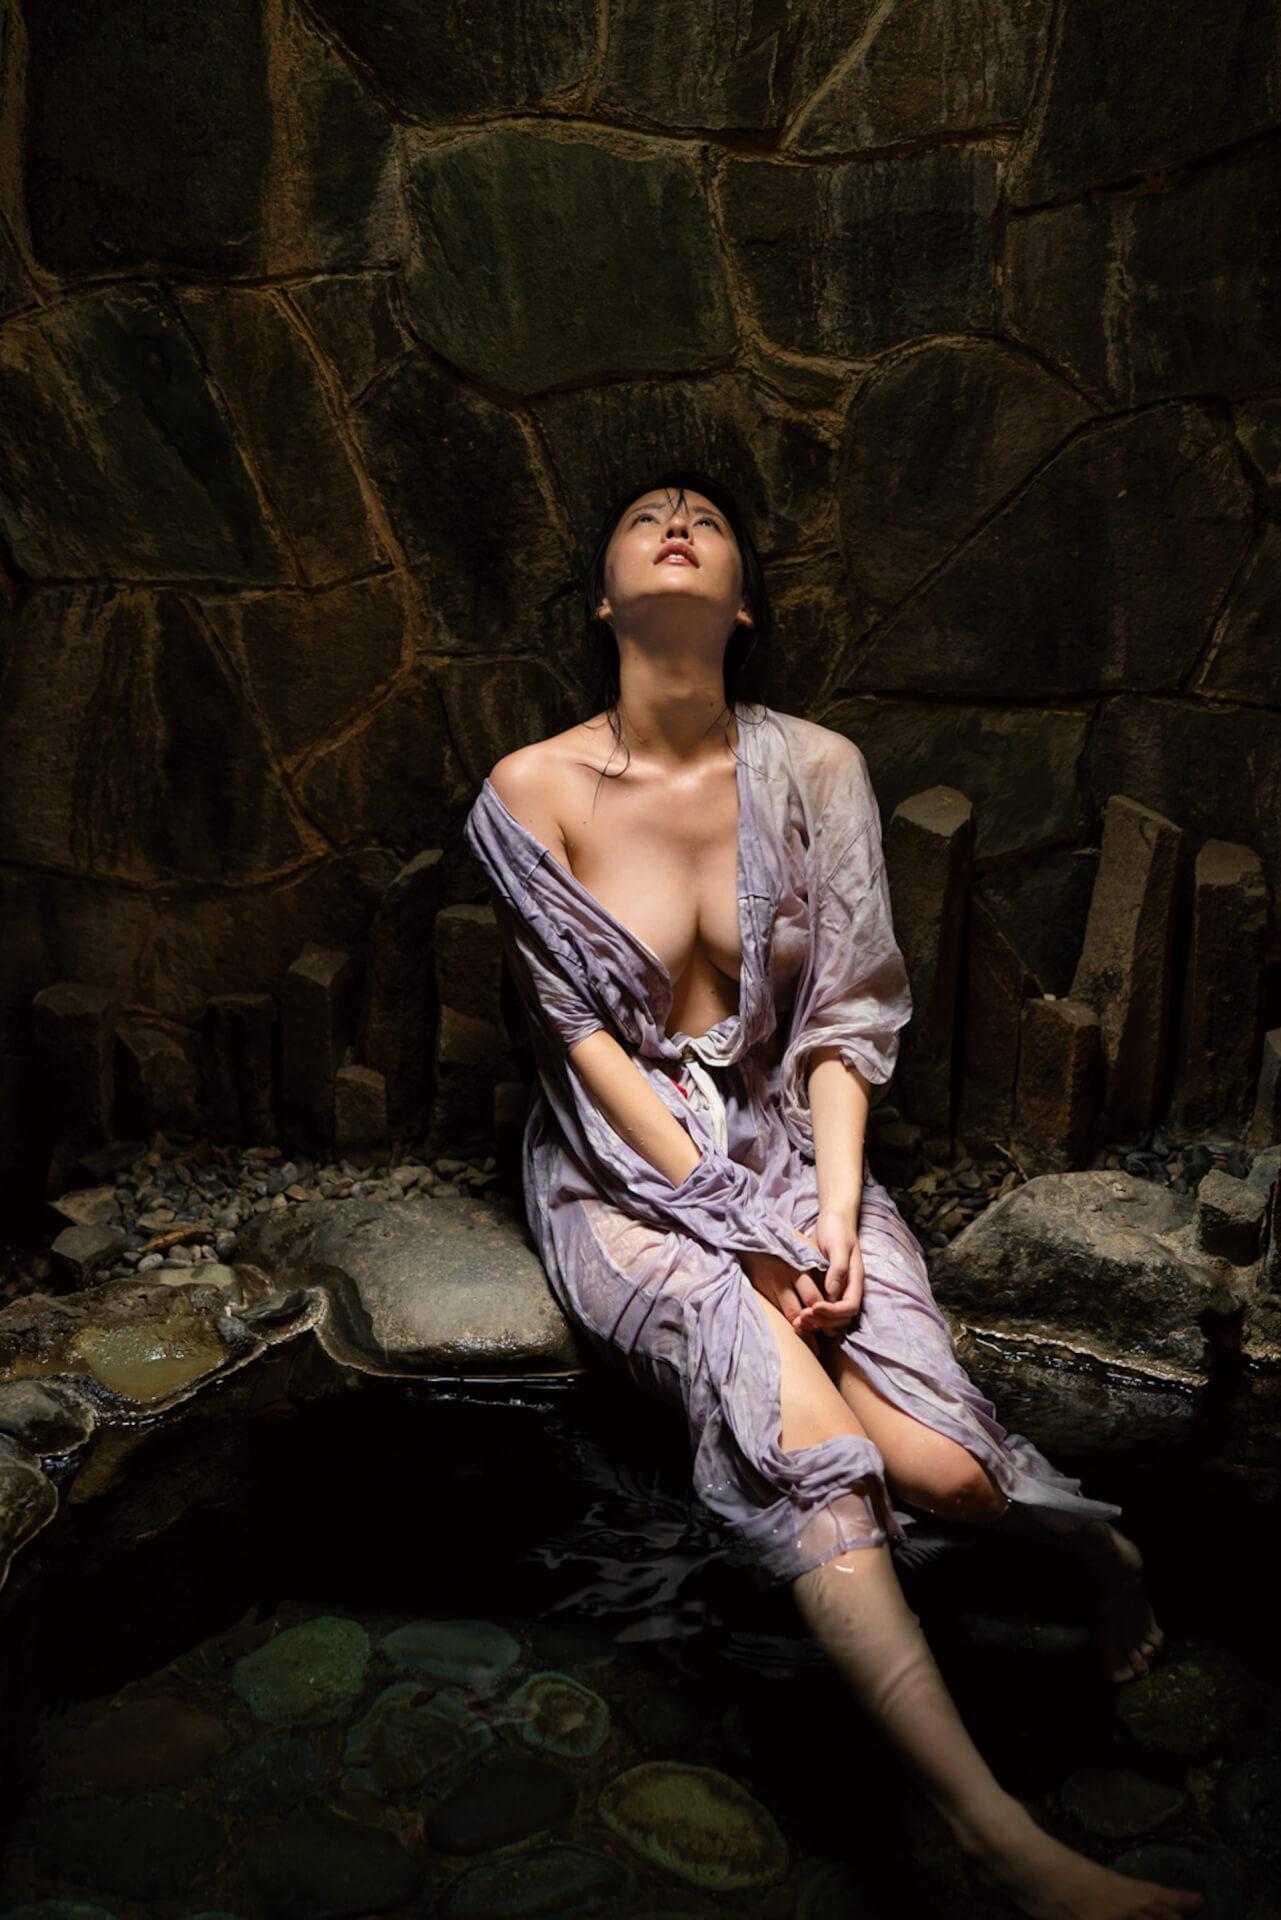 """""""いま最も写真集が売れる""""と話題の奈月セナが限界露出に挑戦した裸身を披露!新写真集『たまゆら』の発売が決定 art210511_natsukisena_3"""